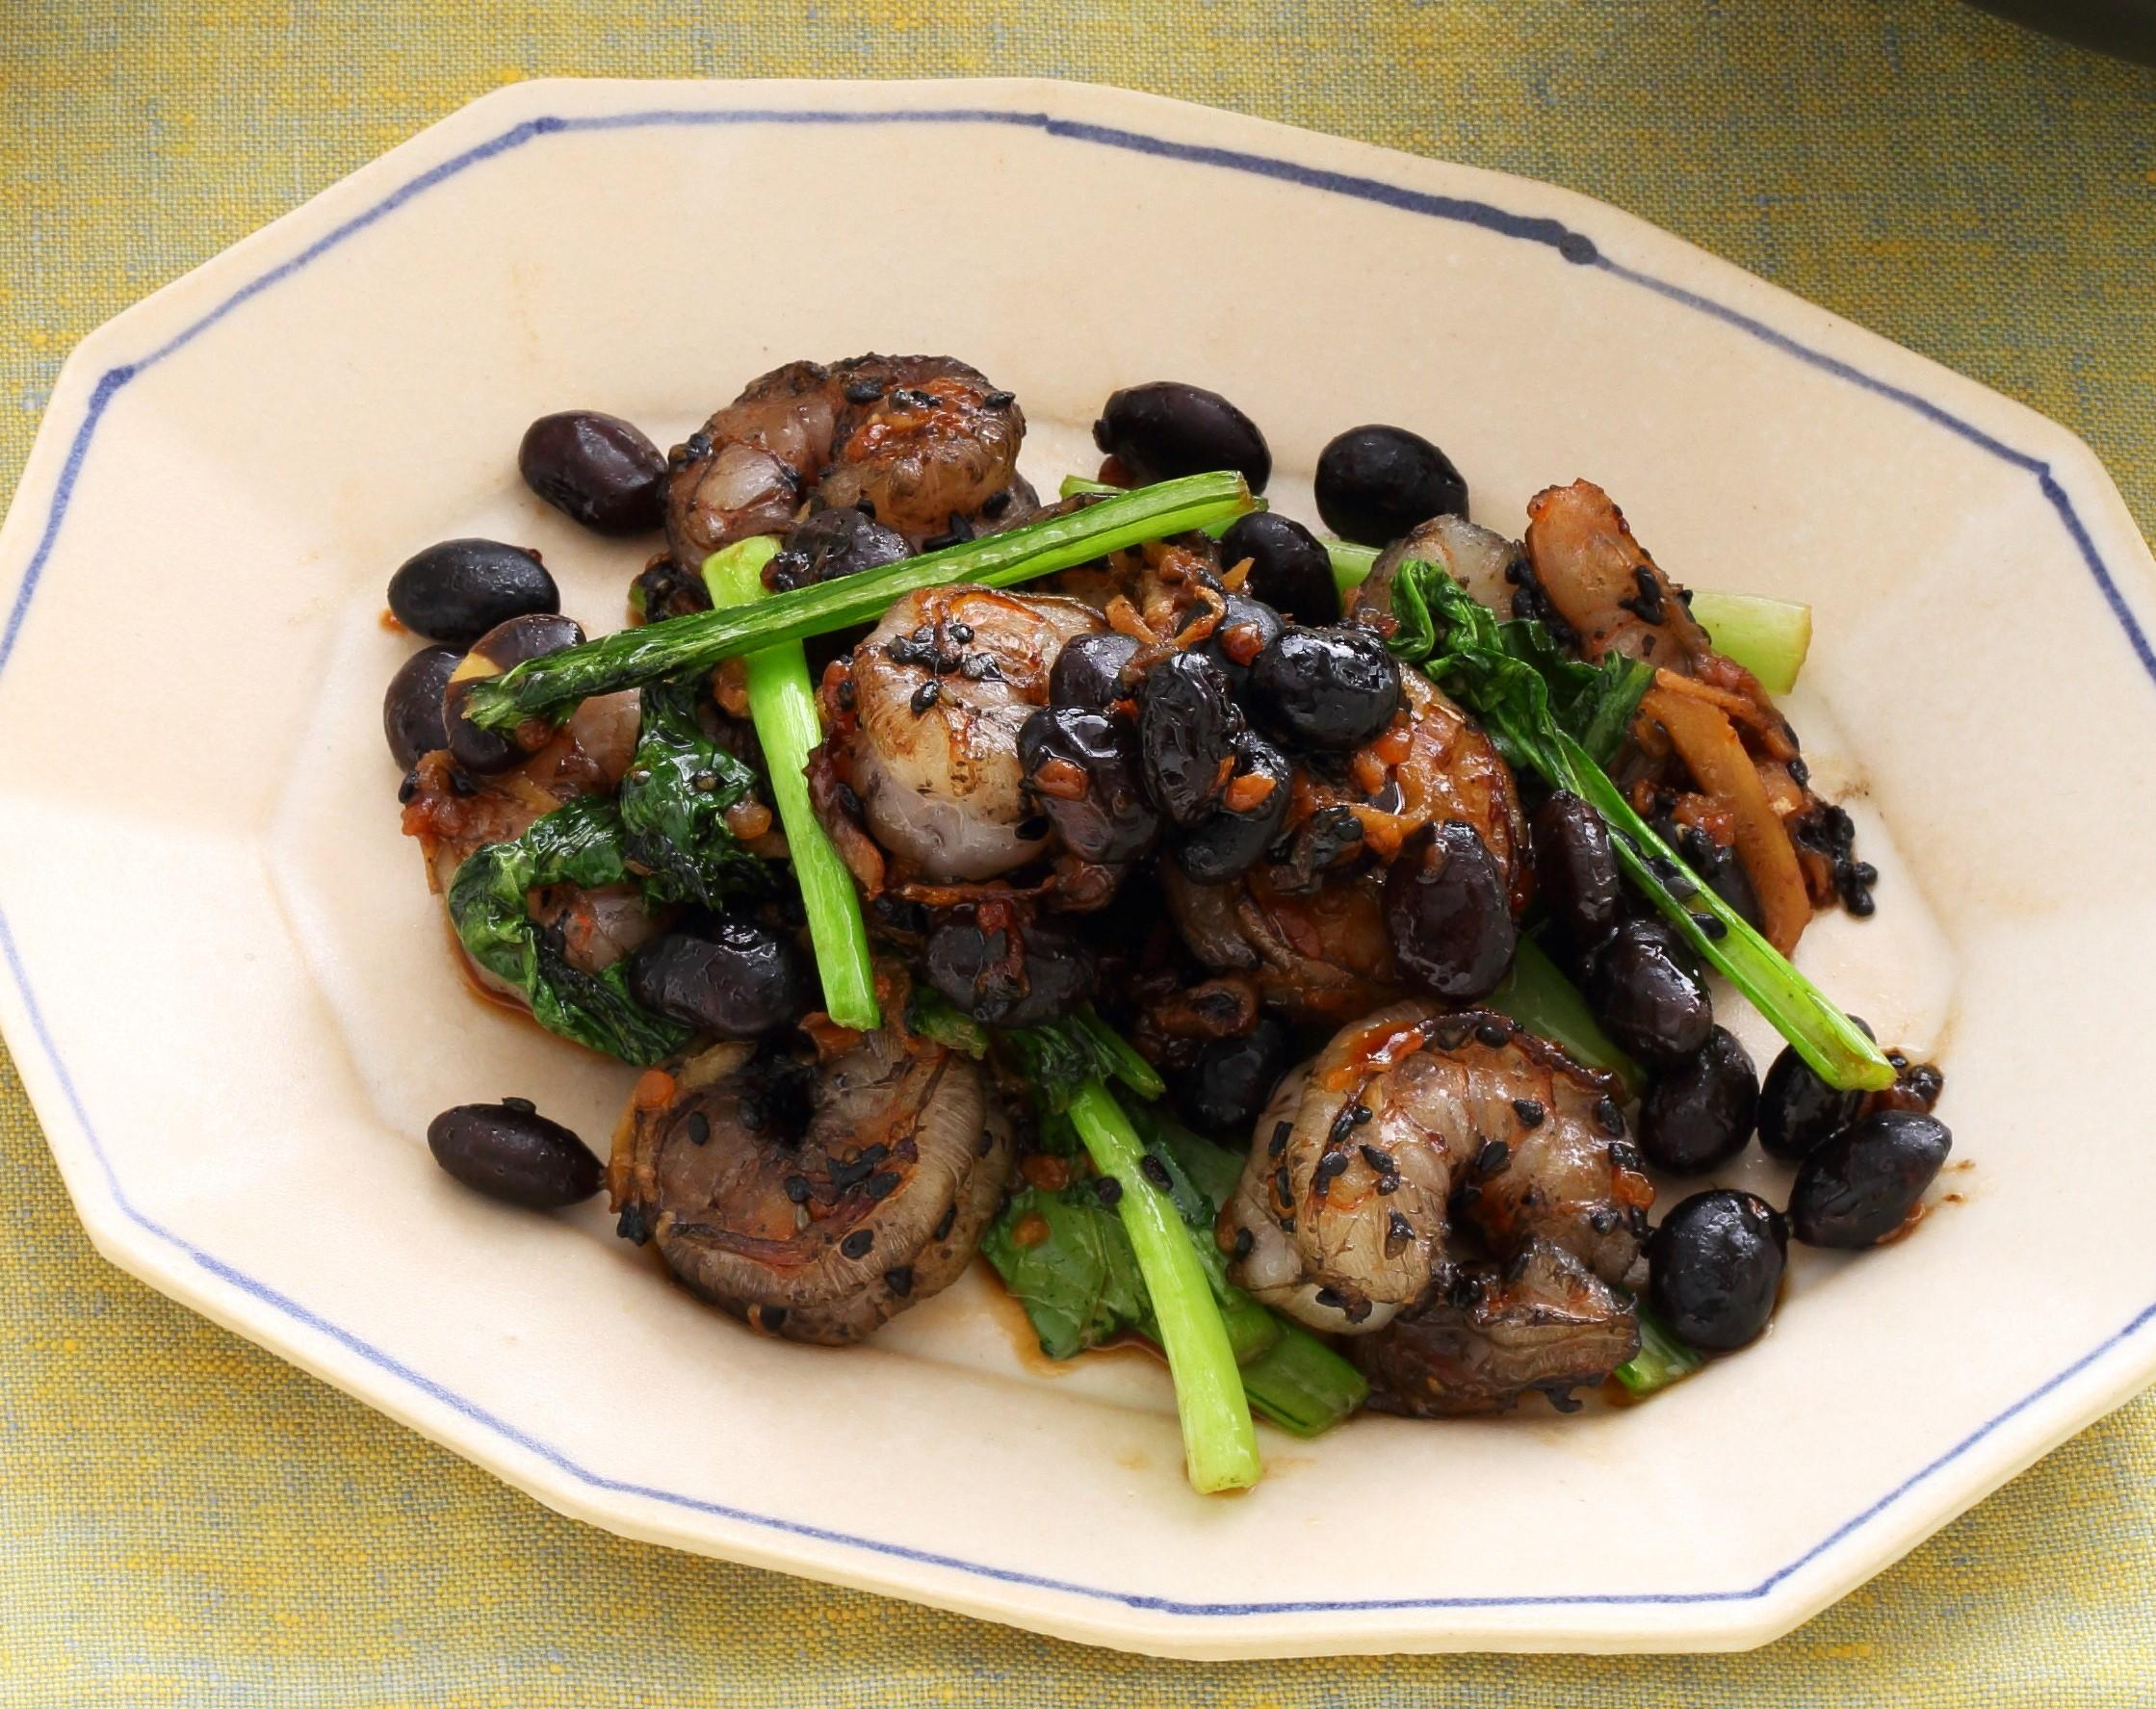 黒く色づいた黒豆とオイスターソース炒めに、小松菜の緑が映える